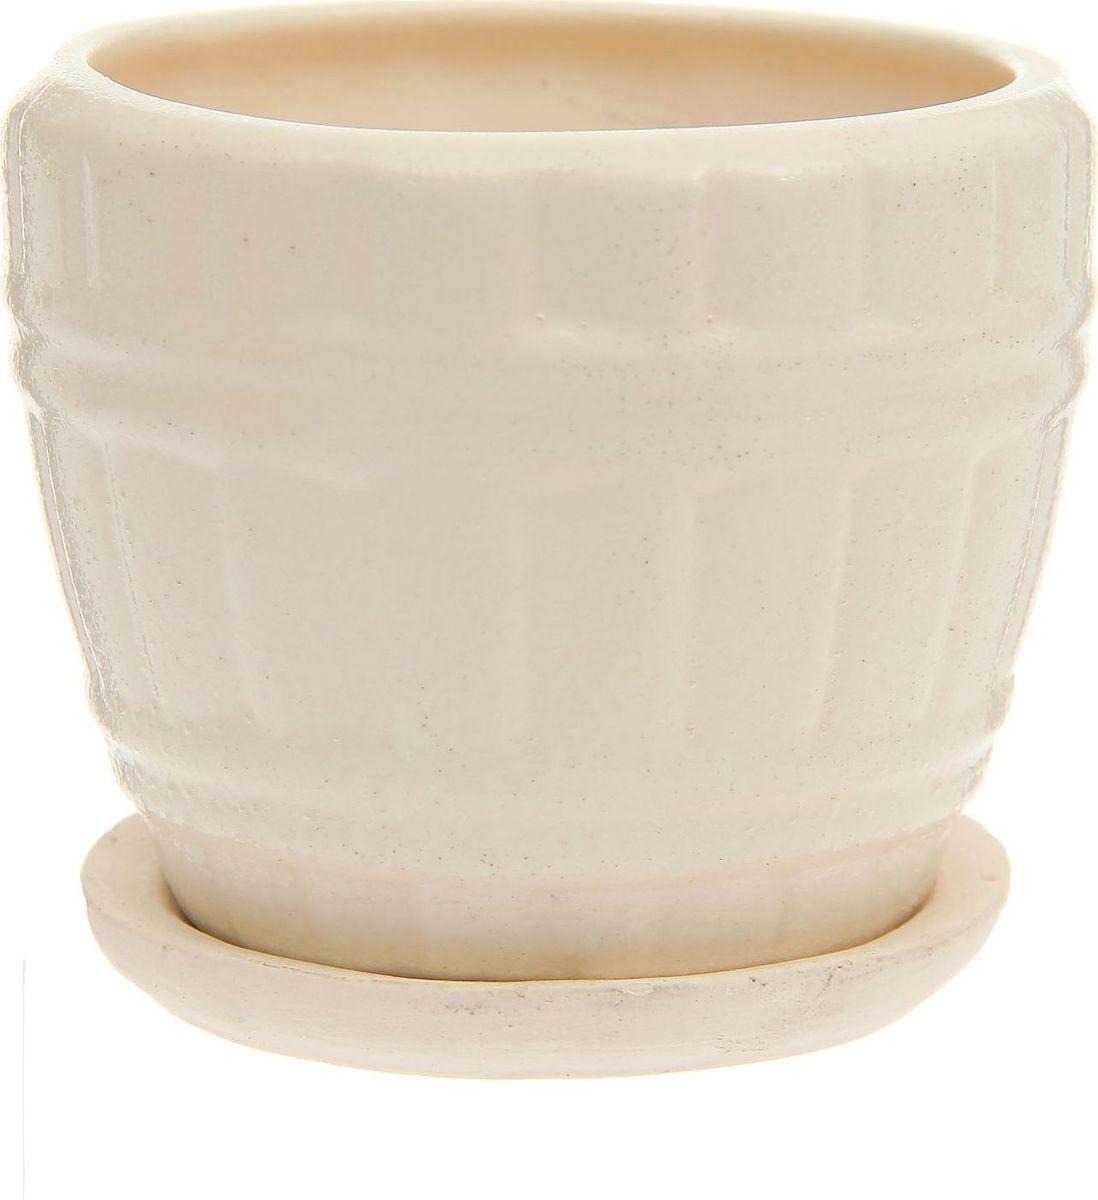 Кашпо Кадушка, цвет: белый, 0,3 л1170826Комнатные растения — всеобщие любимцы. Они радуют глаз, насыщают помещение кислородом и украшают пространство. Каждому из них необходим свой удобный и красивый дом. Кашпо из керамики прекрасно подходят для высадки растений: за счёт пластичности глины и разных способов обработки существует великое множество форм и дизайновпористый материал позволяет испаряться лишней влагевоздух, необходимый для дыхания корней, проникает сквозь керамические стенки! #name# позаботится о зелёном питомце, освежит интерьер и подчеркнёт его стиль.